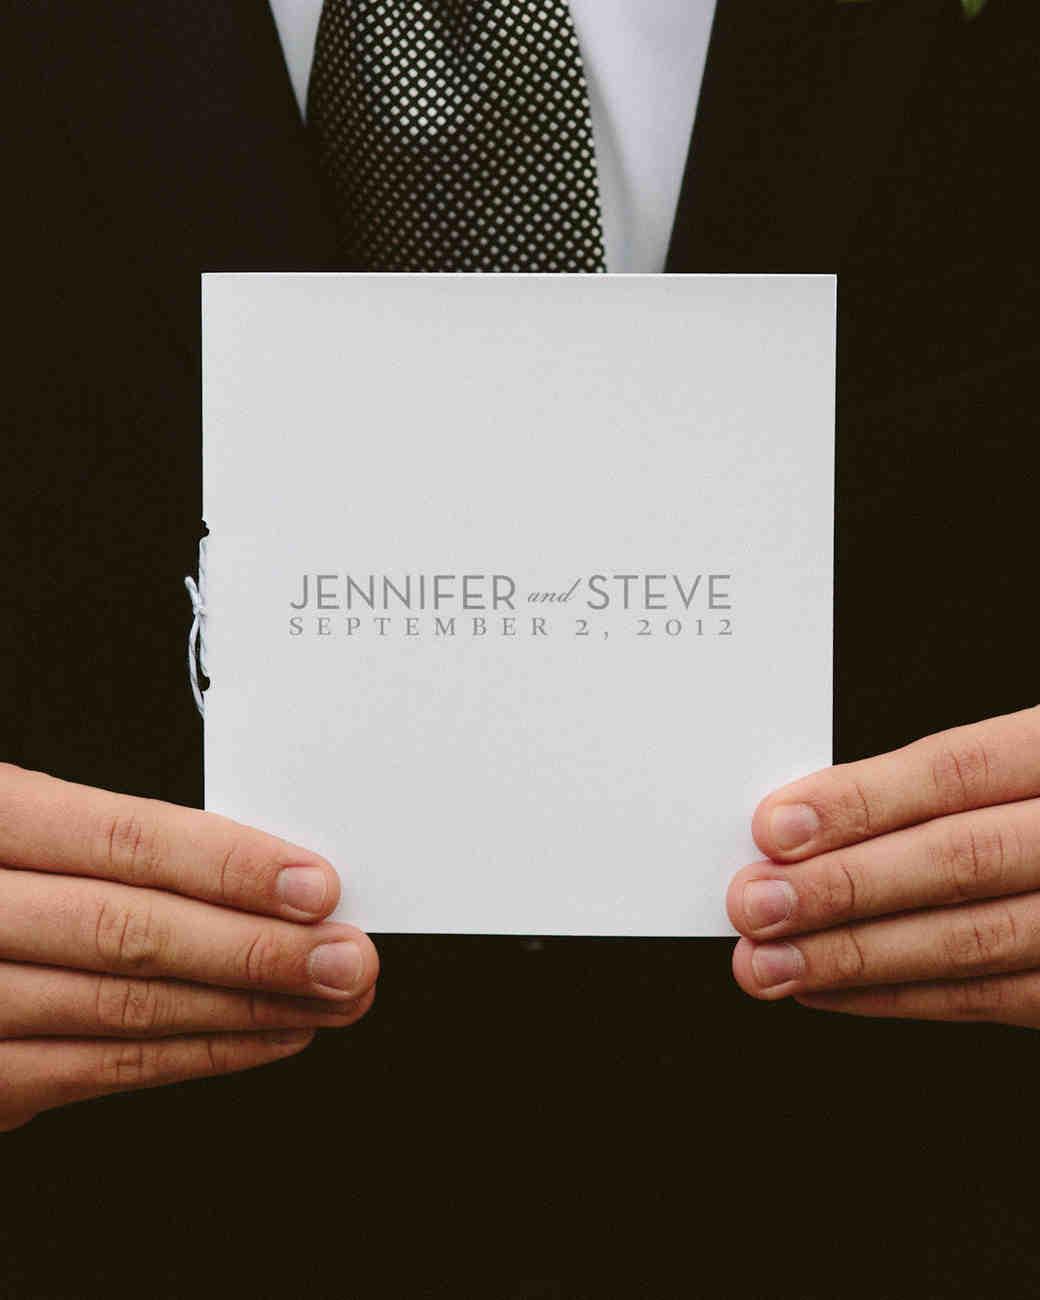 jennifer-steve-rw0114-125c8702.jpg